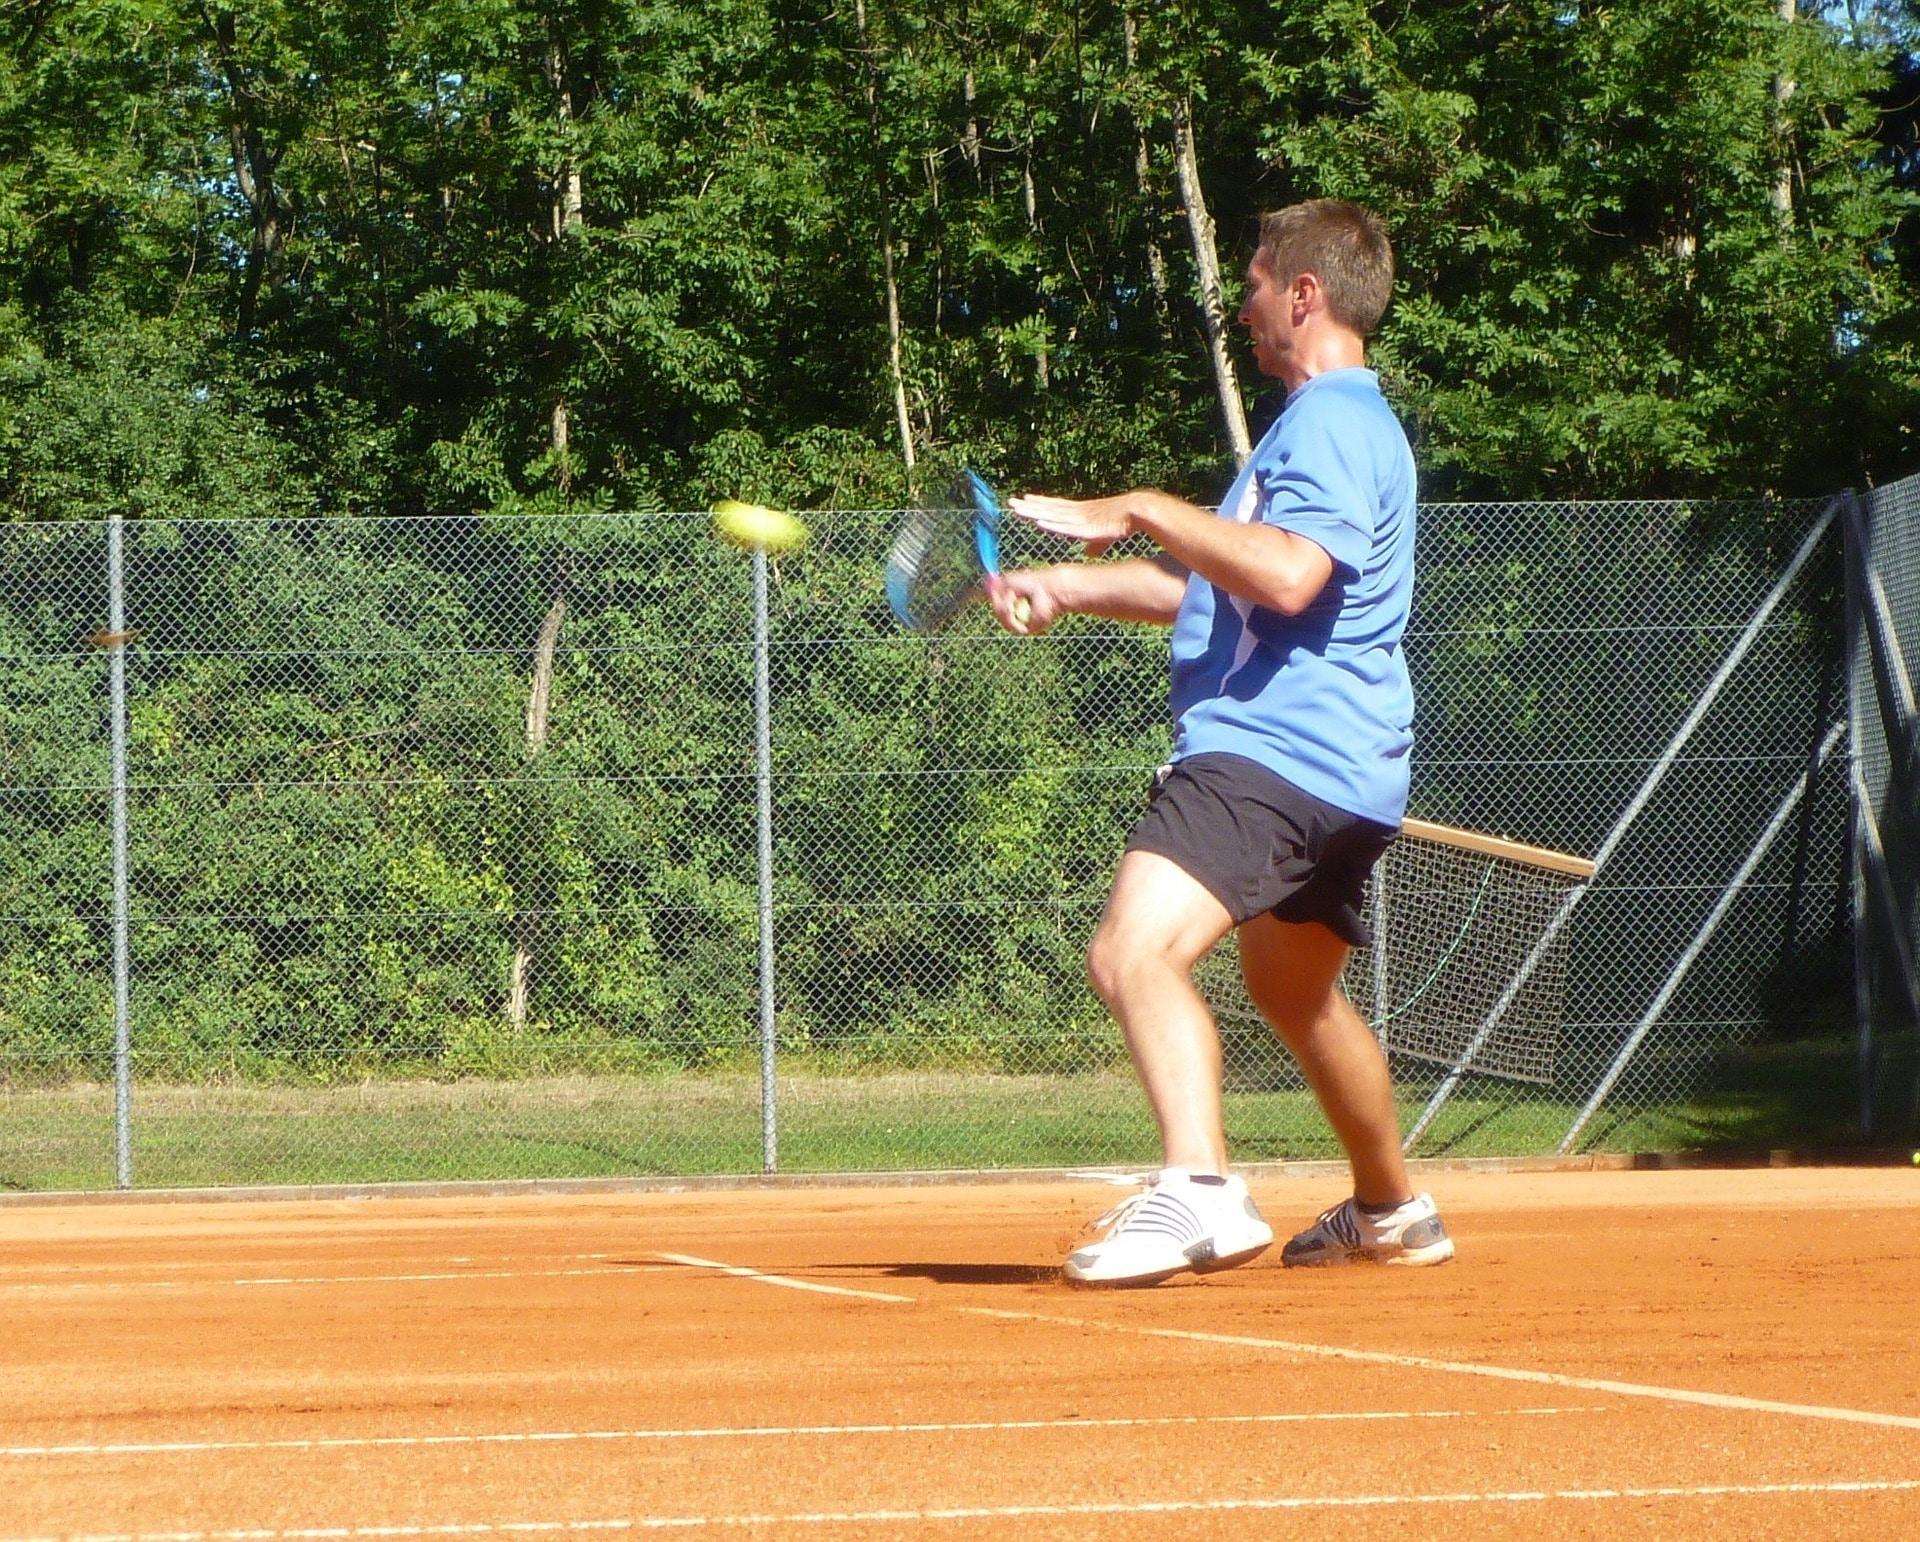 Někteří lidé dávají přednost sportovním aktivitám na čerstvém vzduchu / foto: pixabay.com